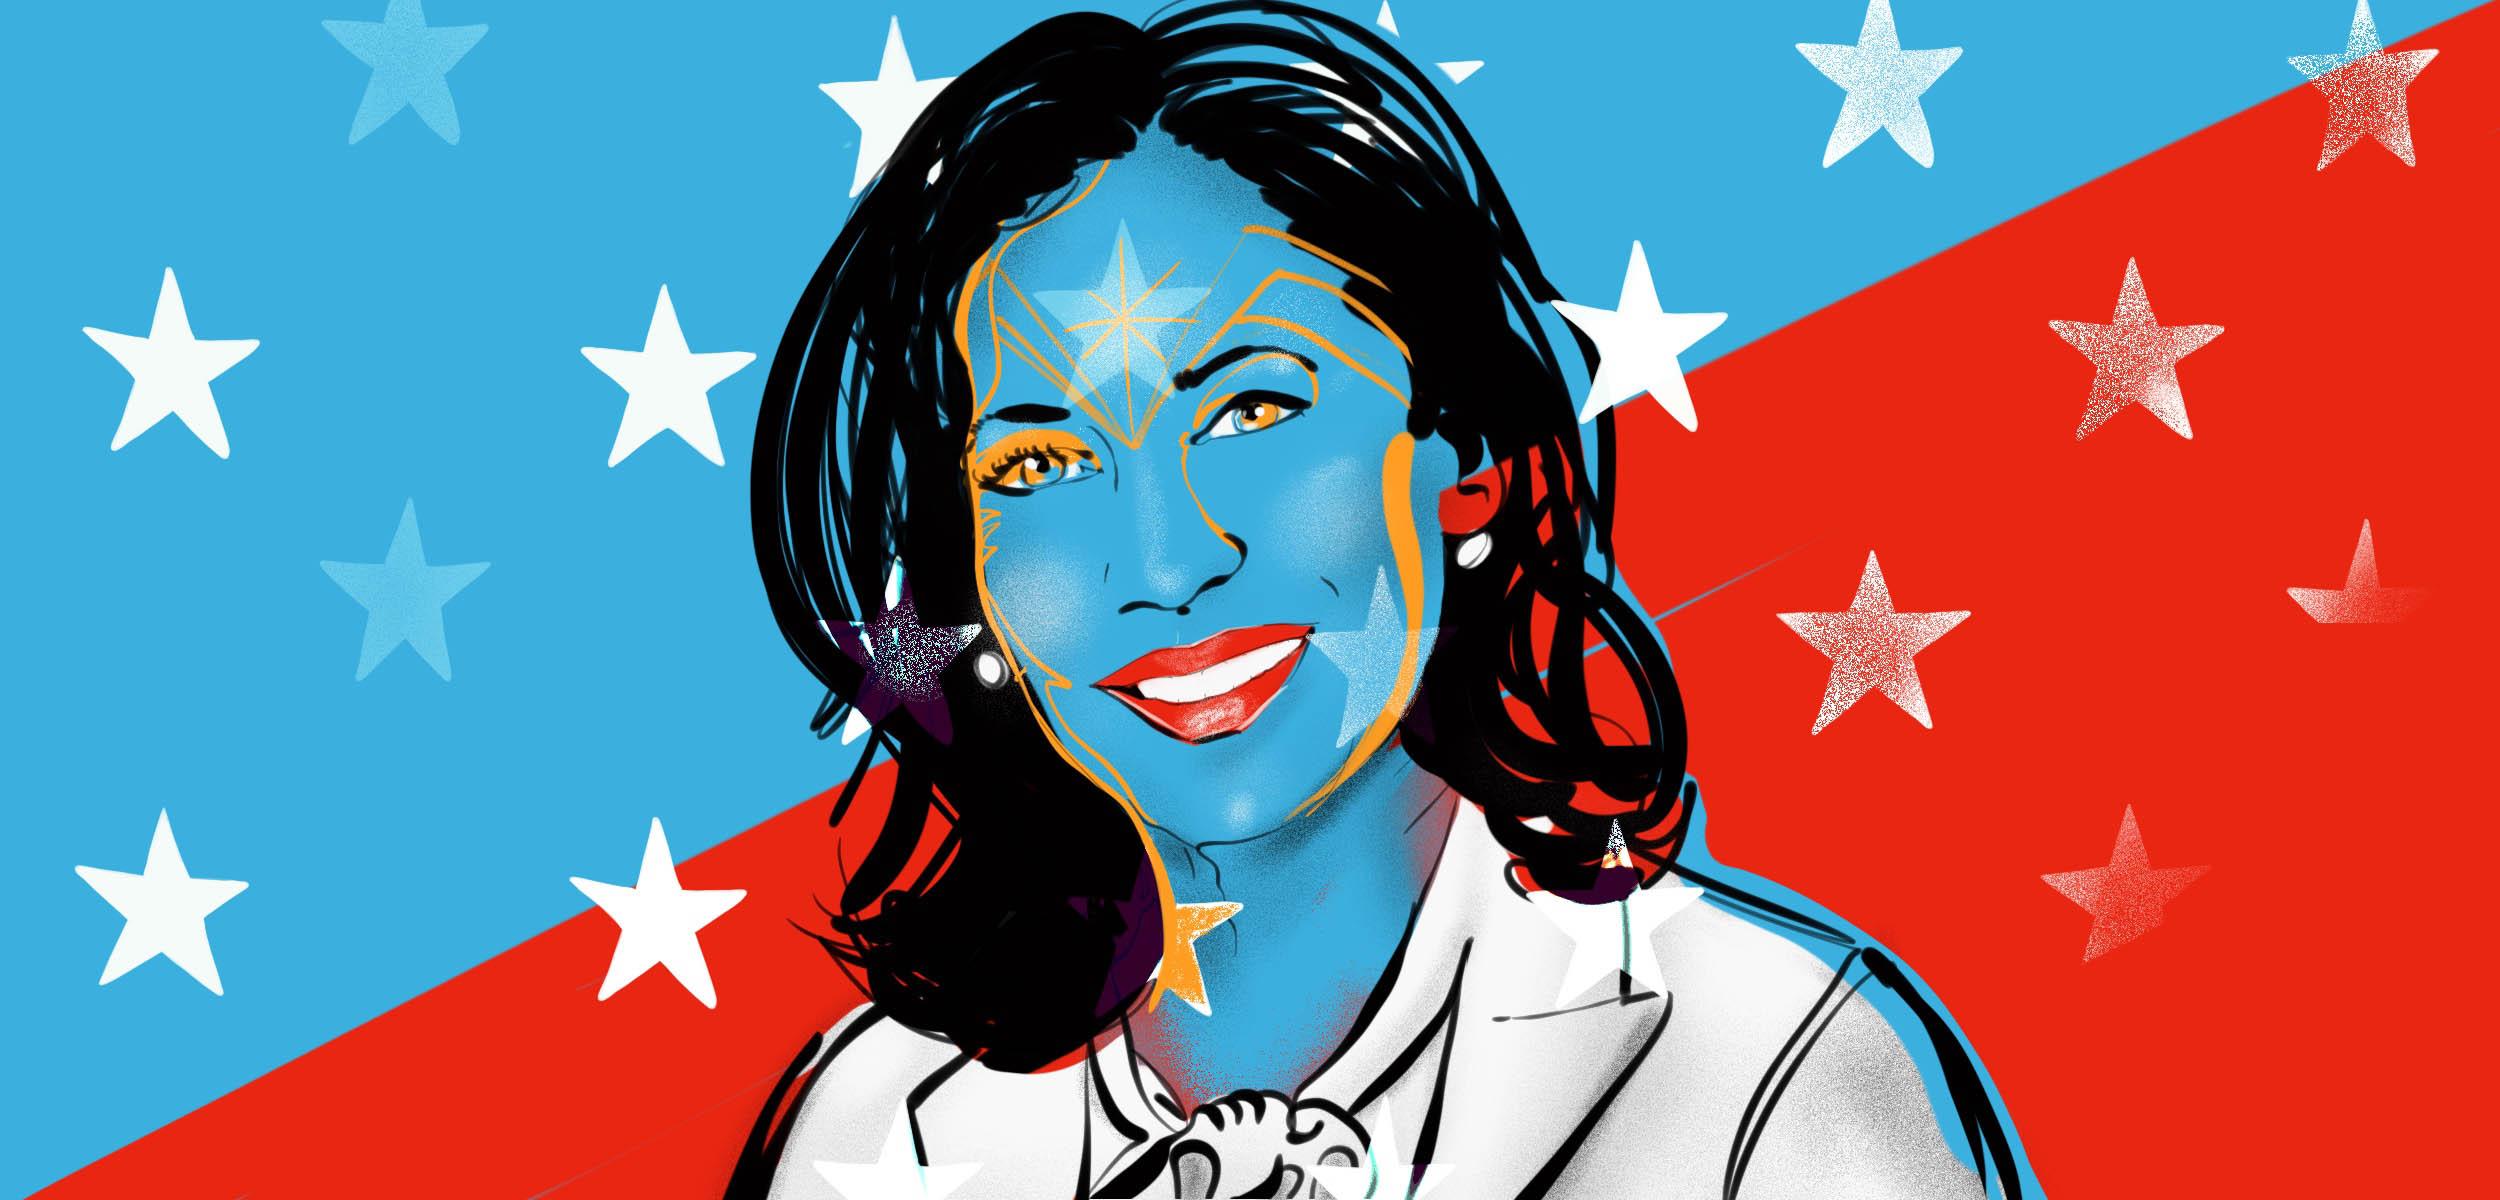 Kamala Harris Illustration portrait